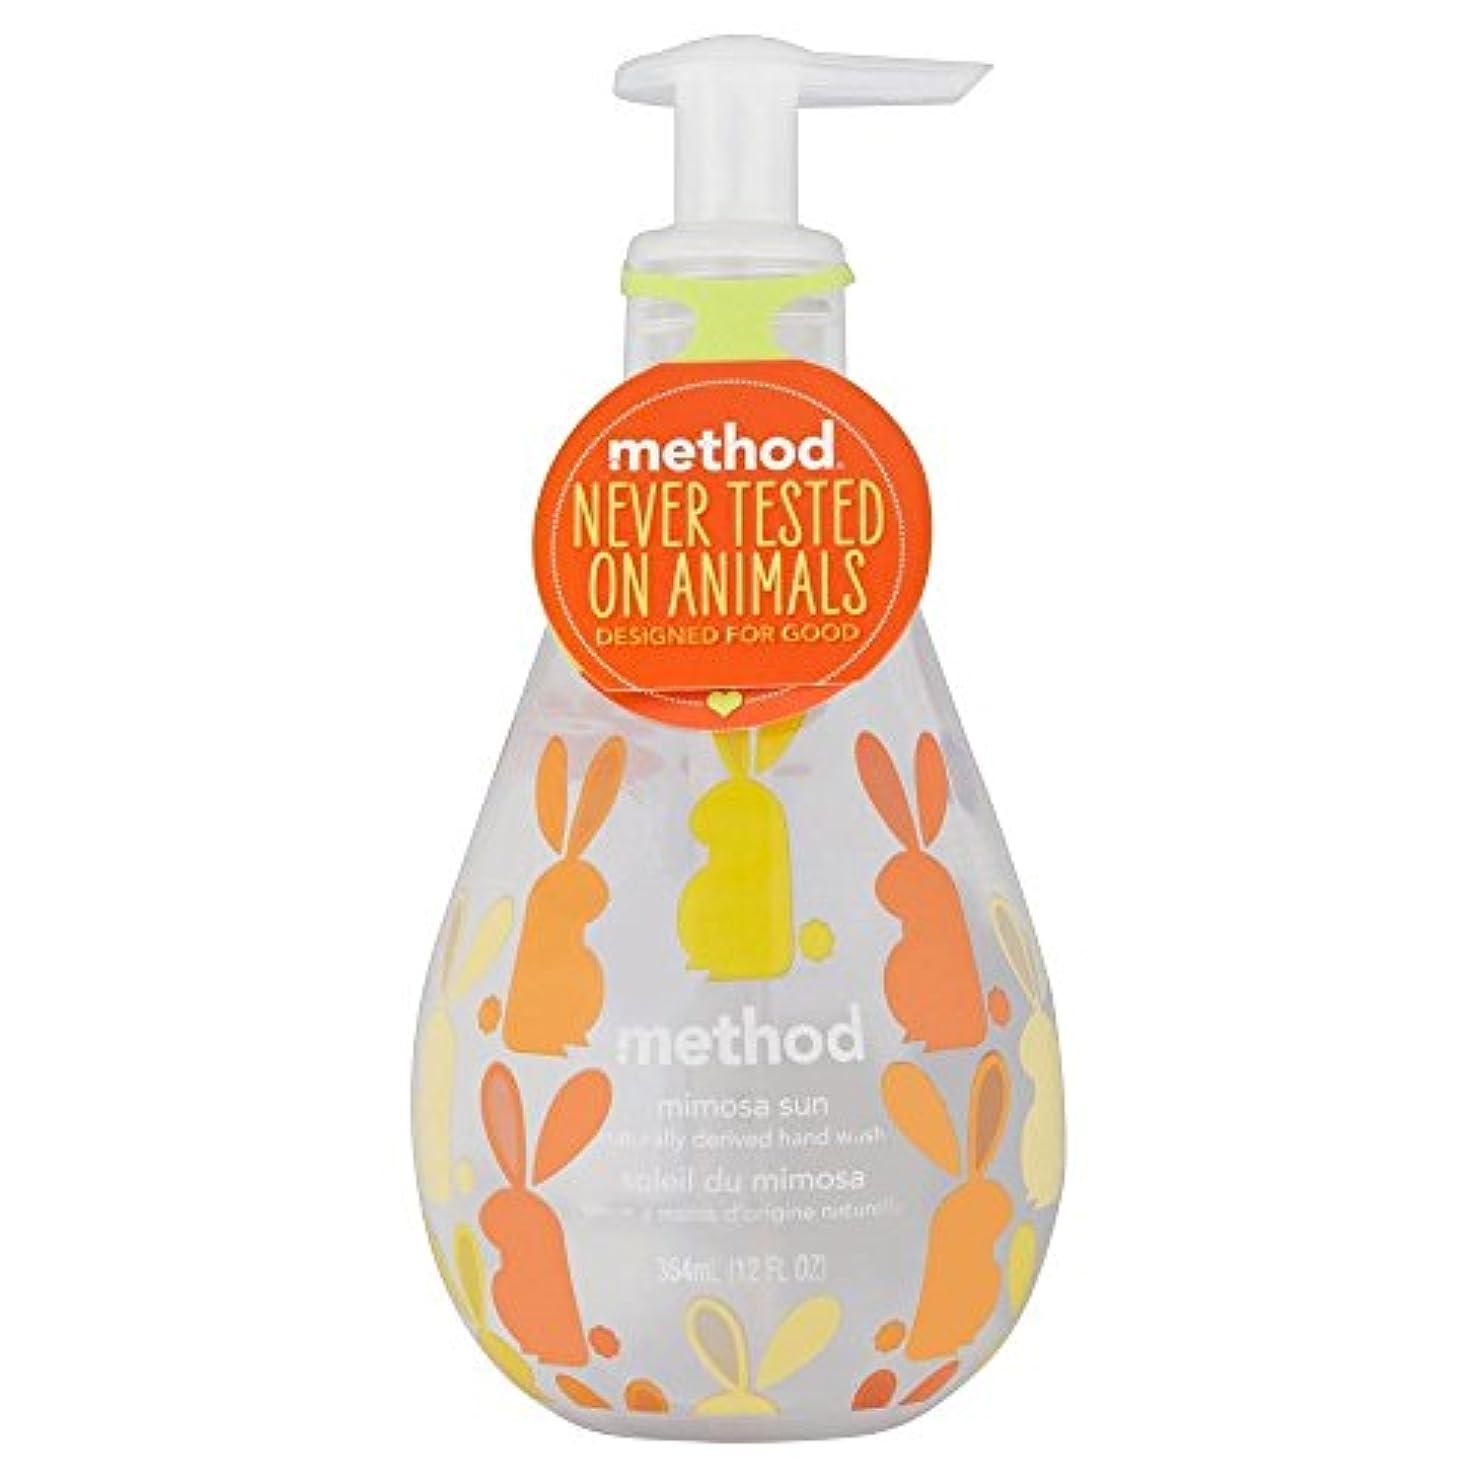 許されるトイレ貨物Method Hand Wash - Mimosa Sun (354ml) メソッドハンドウォッシュ - ミモザ日( 354ミリリットル) [並行輸入品]